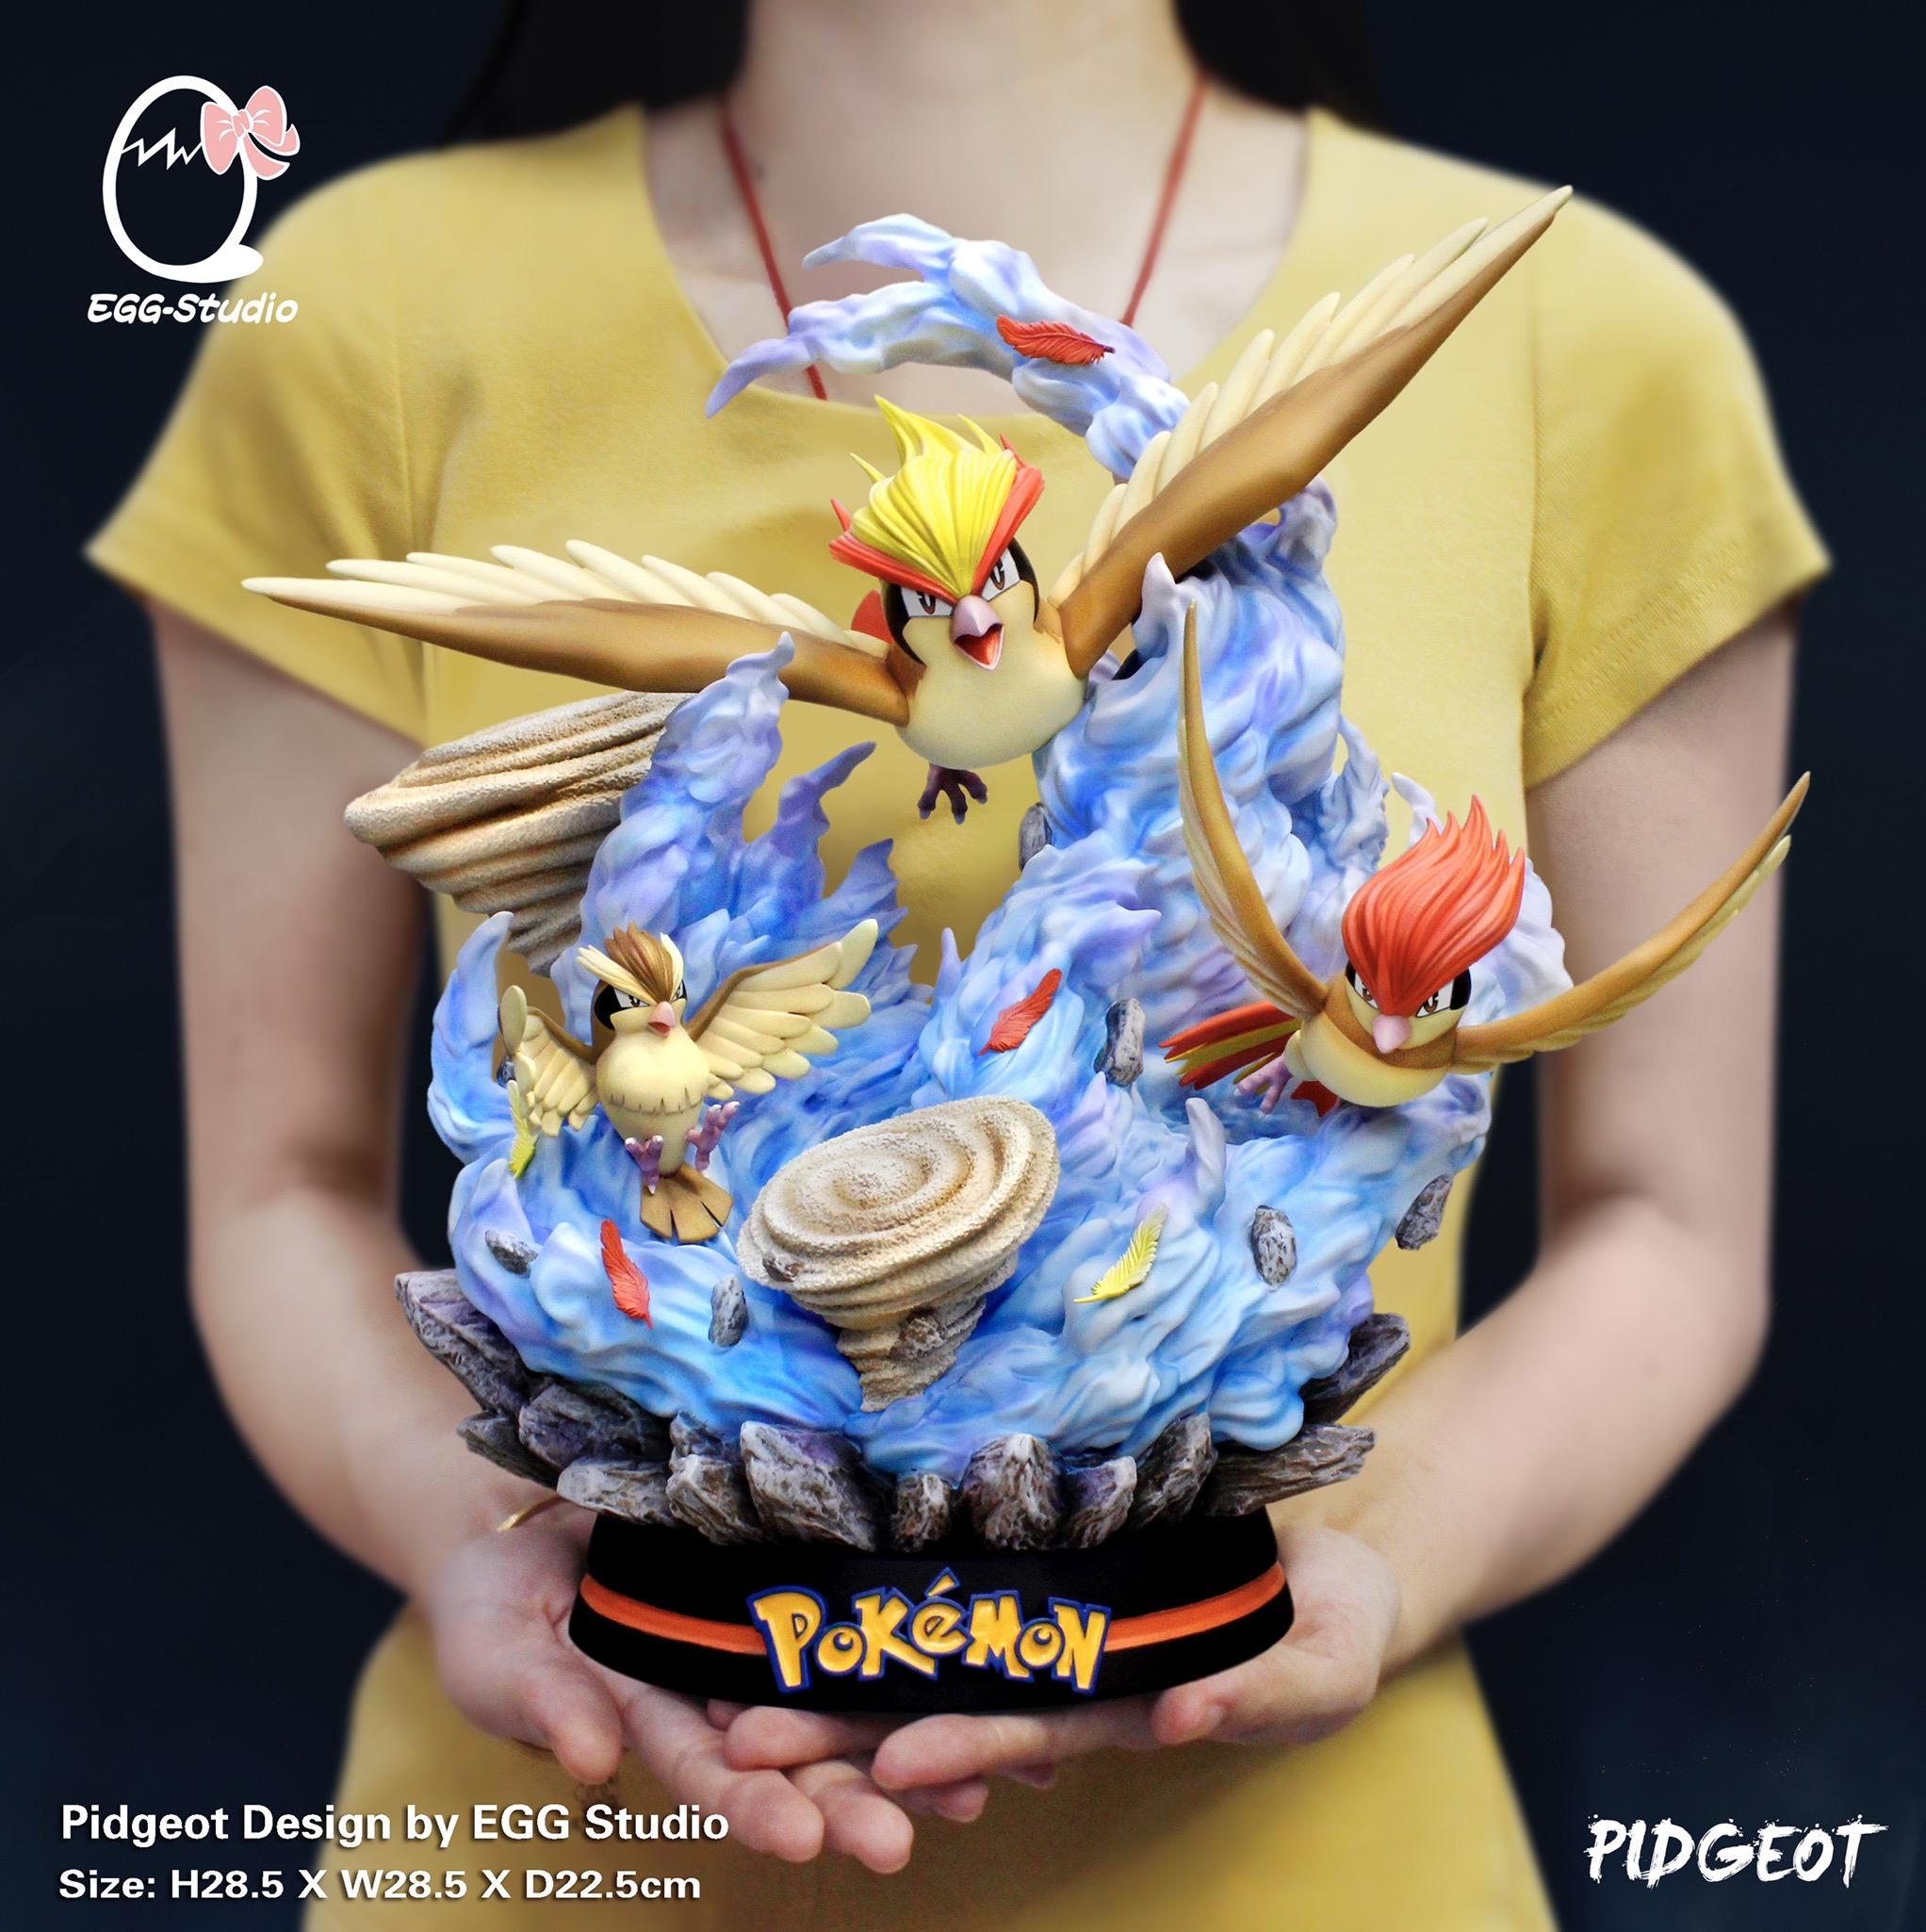 Pidgeot พีเจียต by Egg Studio (มัดจำ)